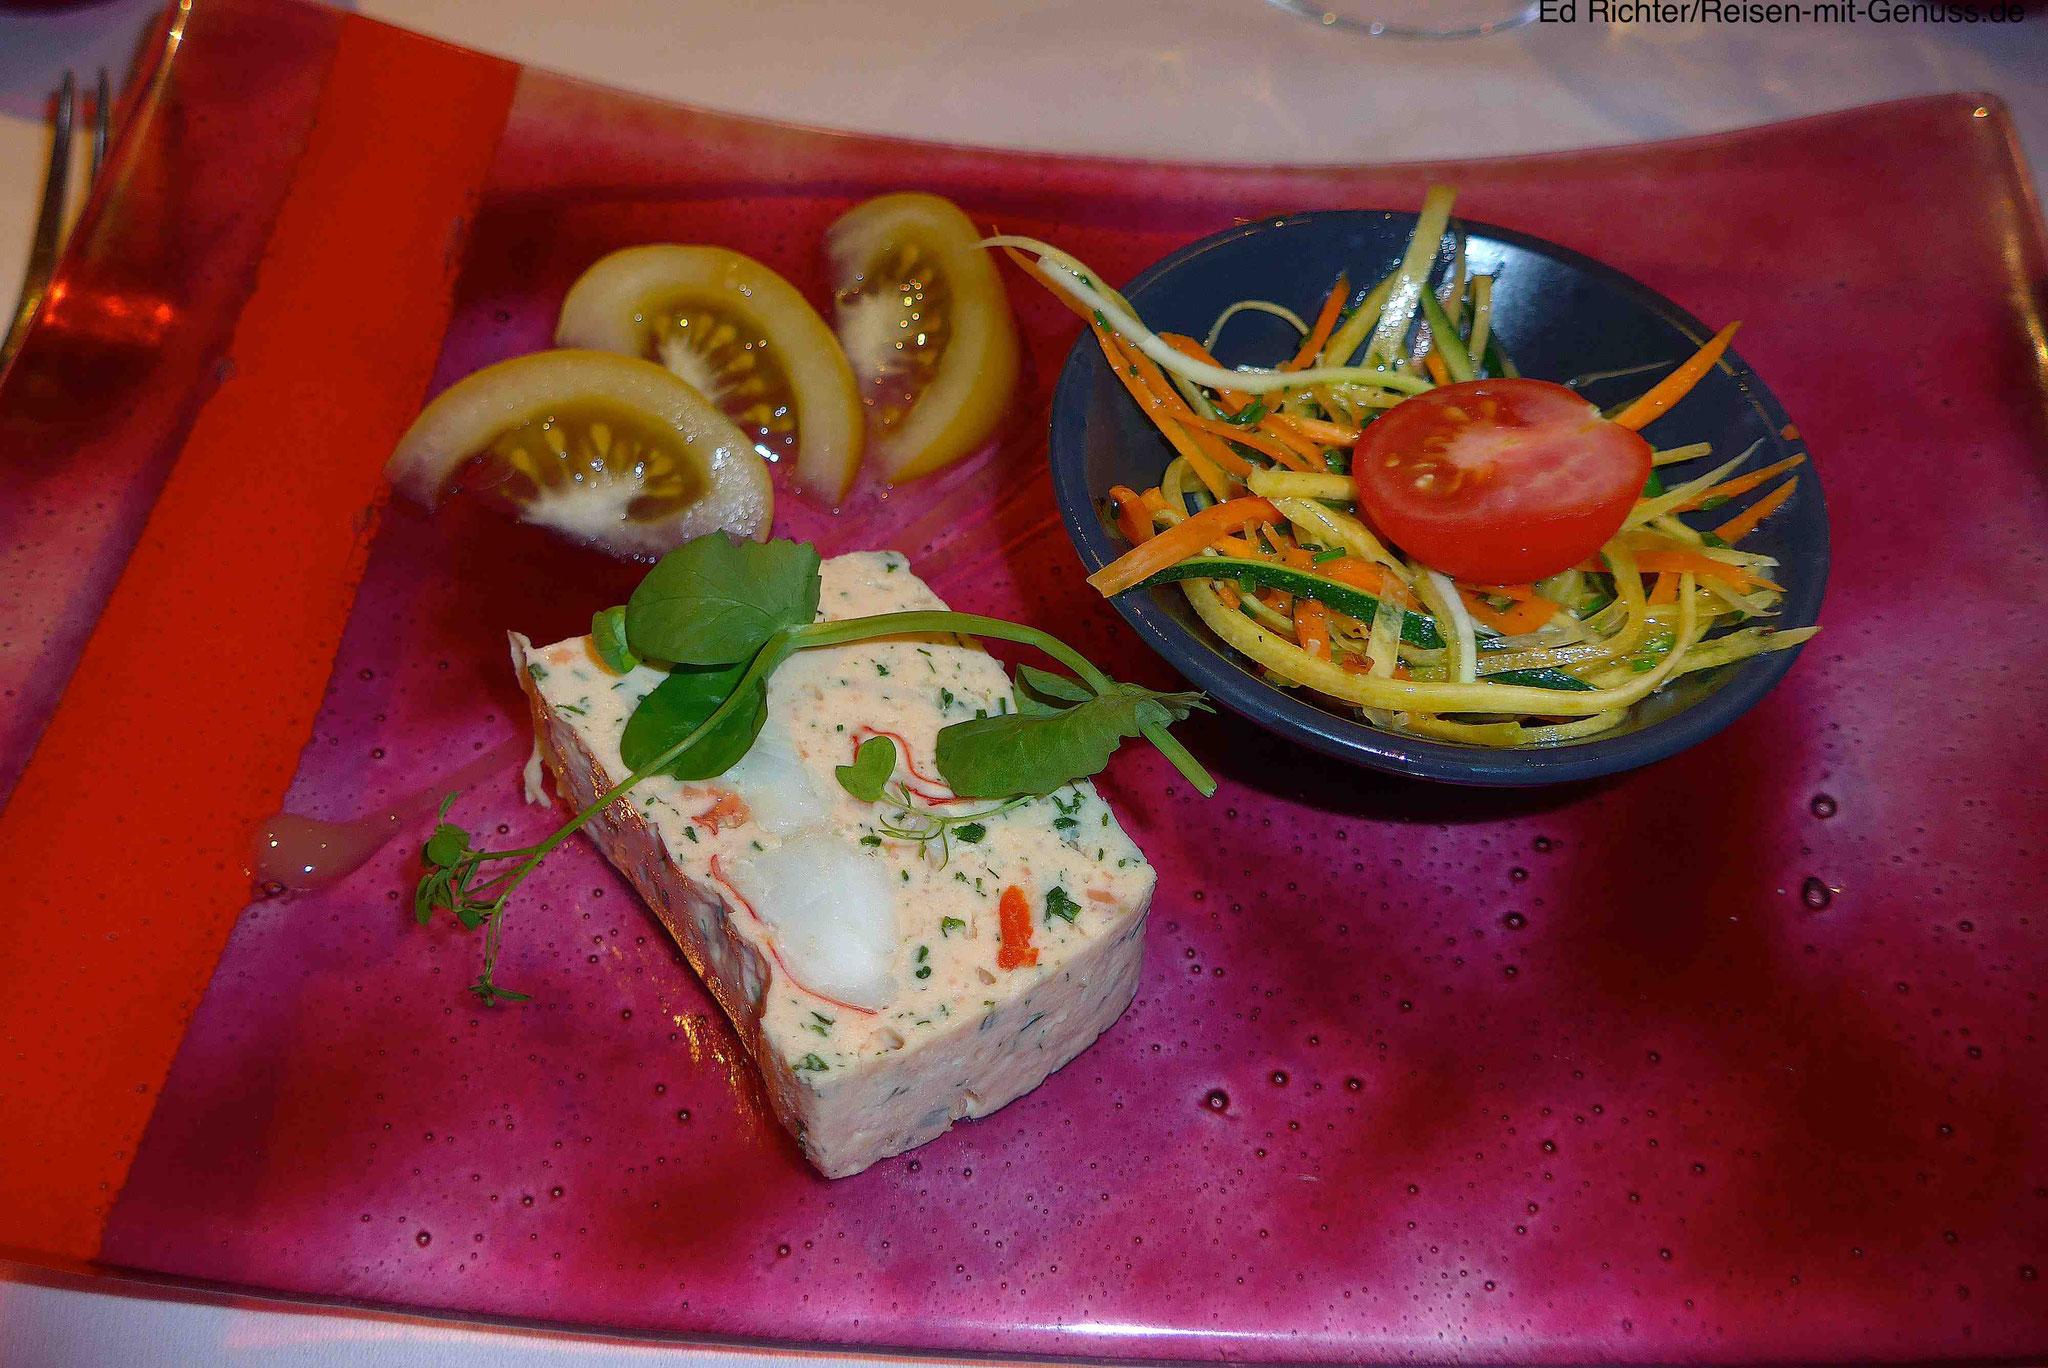 Köstliche Vorspeise im La Mignardise: Langusten-Terrine